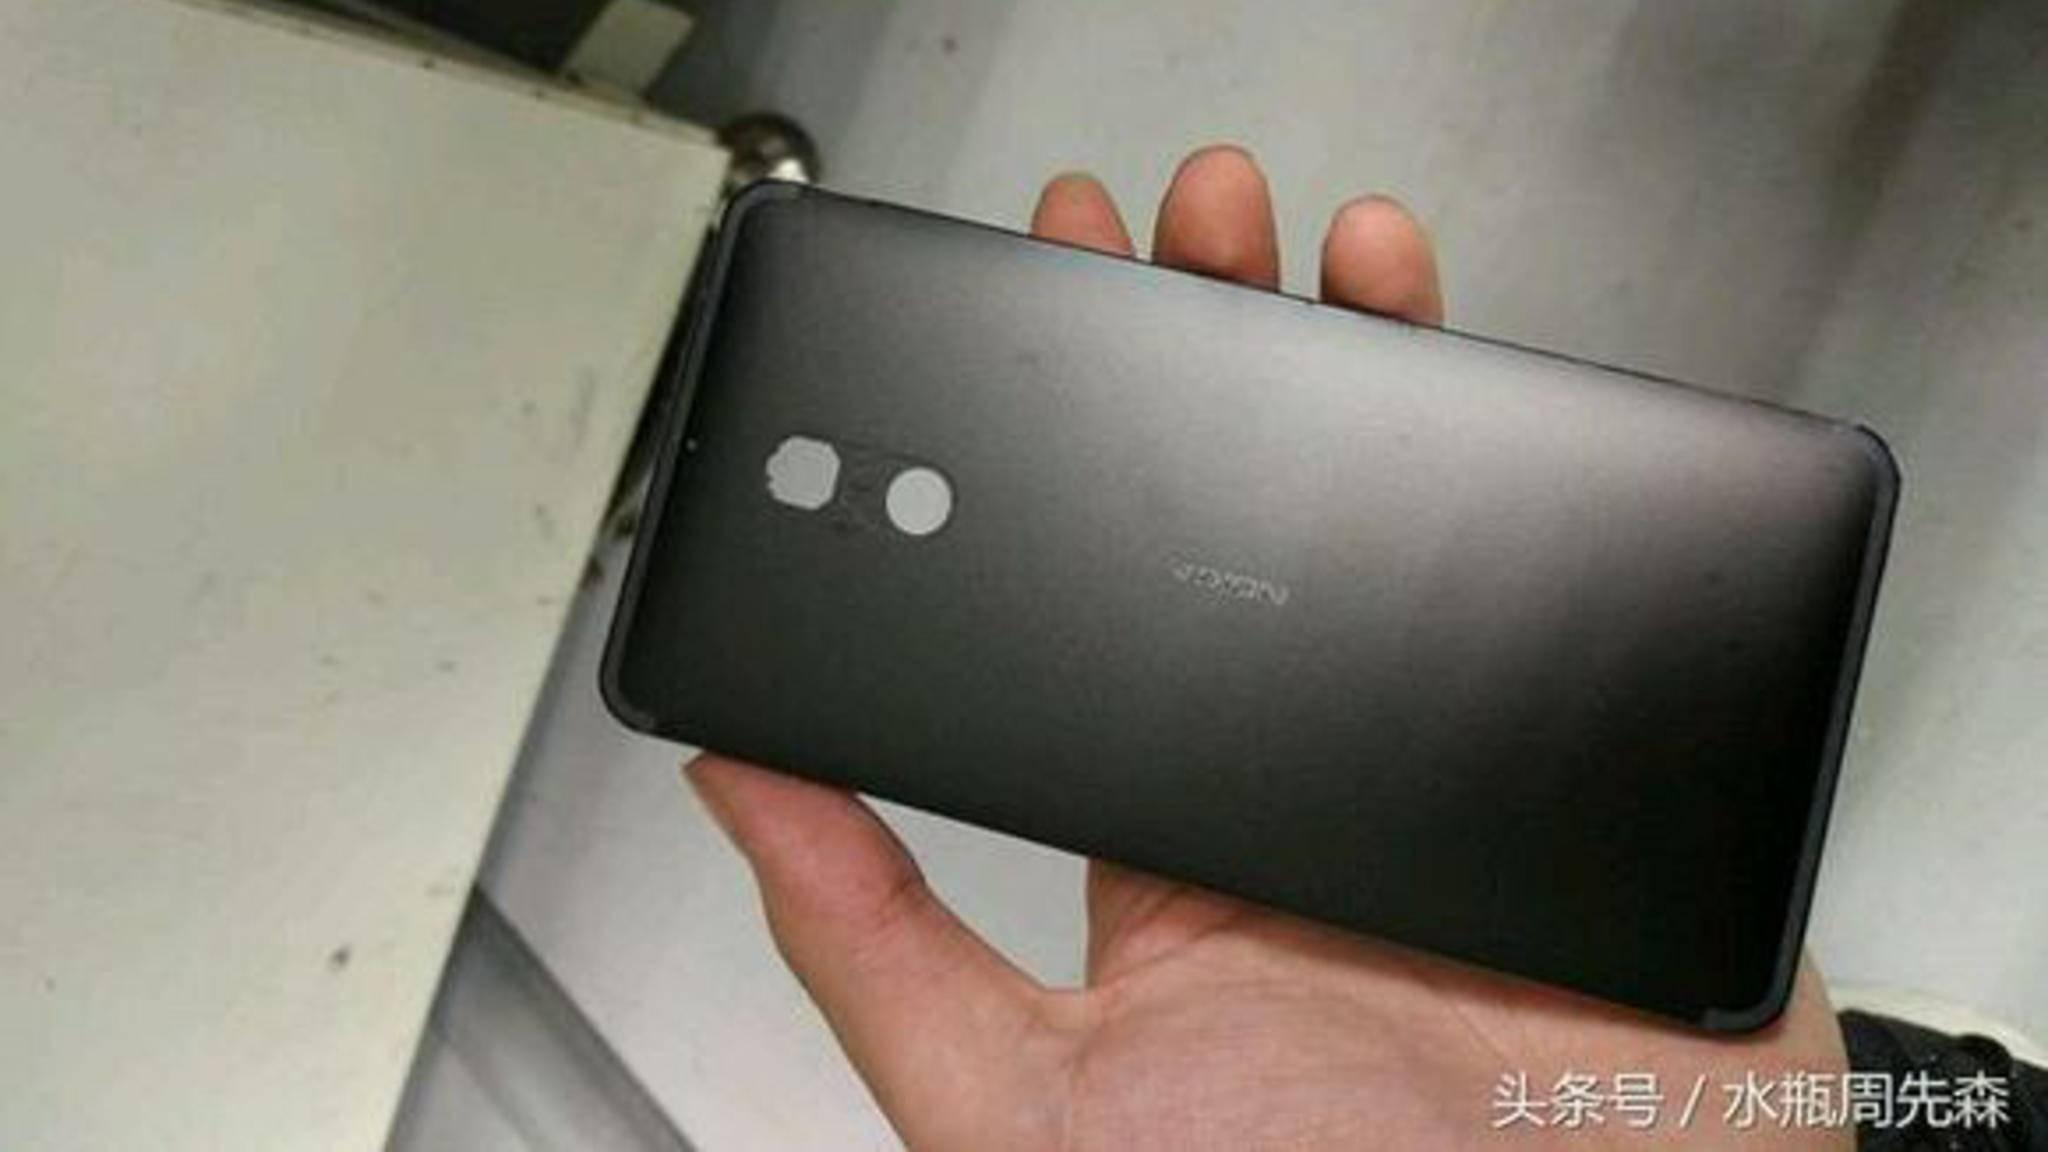 So soll das Einsteiger-Smartphone Nokia D1C aussehen.